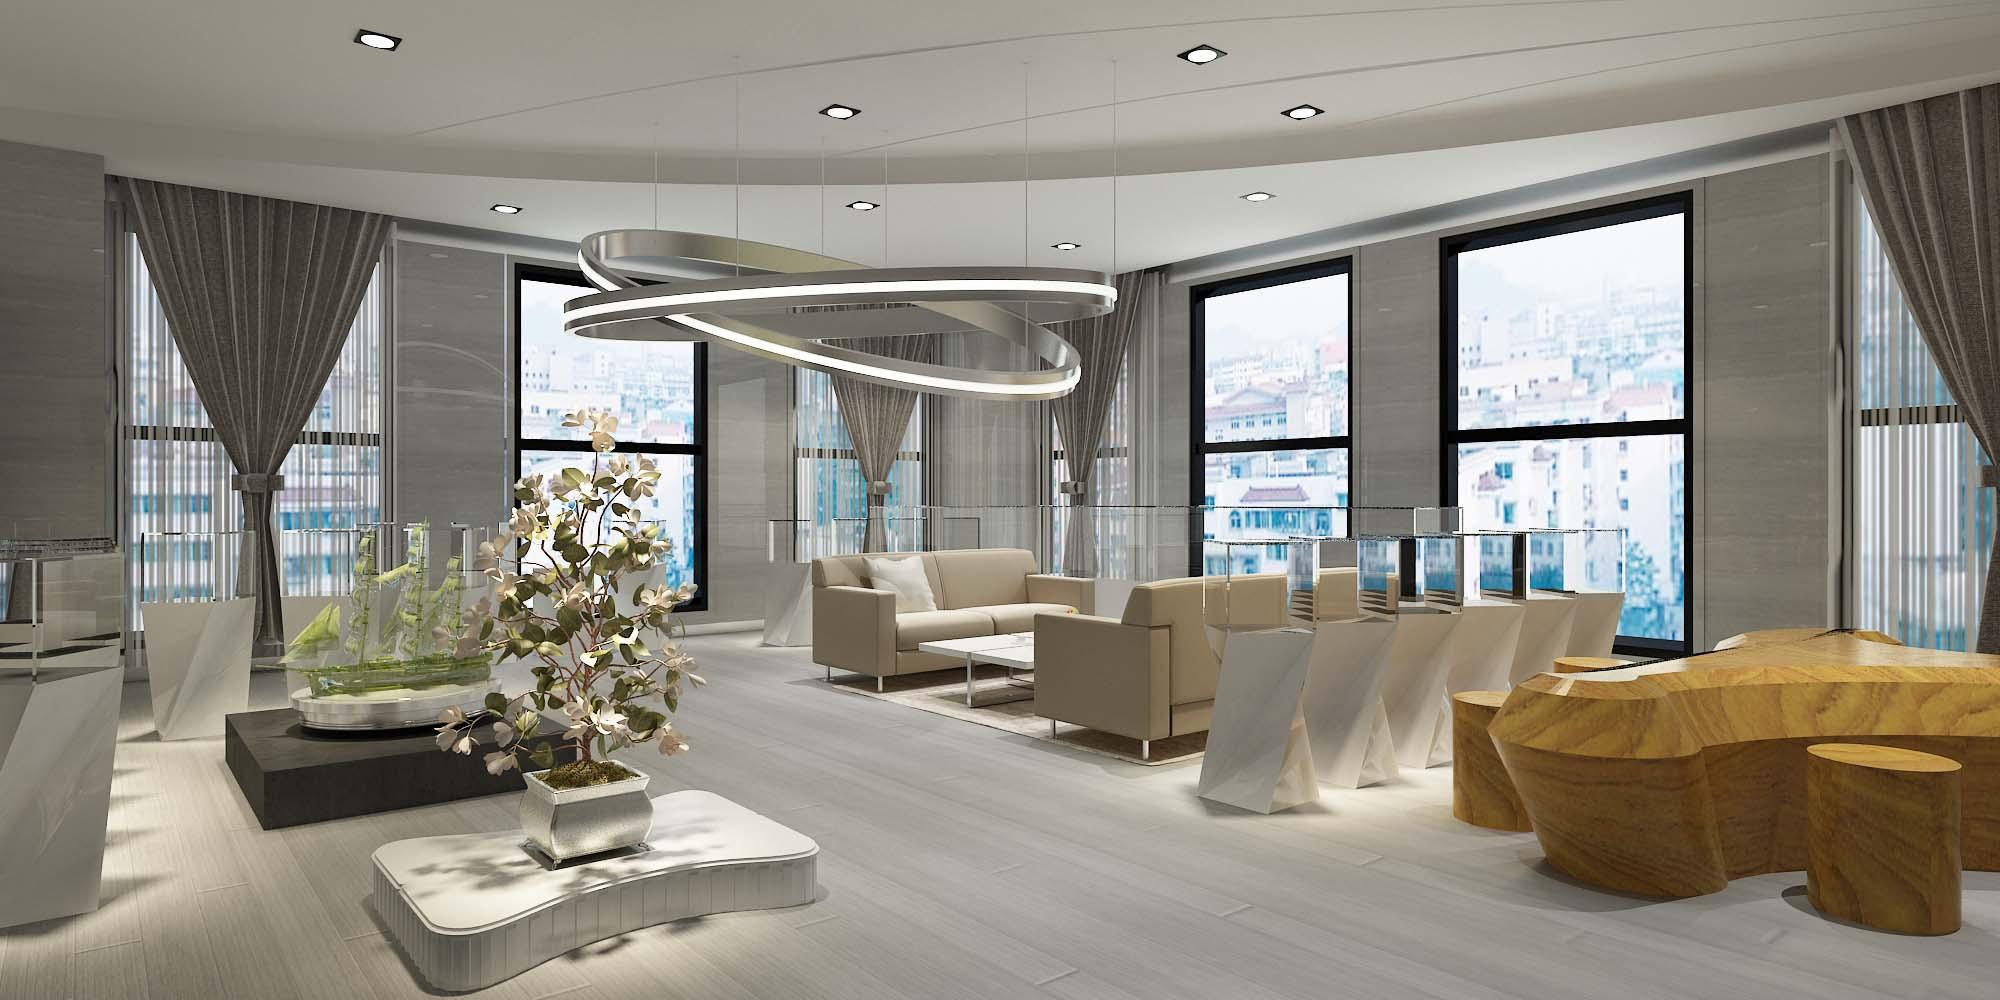 成都办公室装修.办公室装修的几种风格推荐-工装设计-成都朗煜工装公